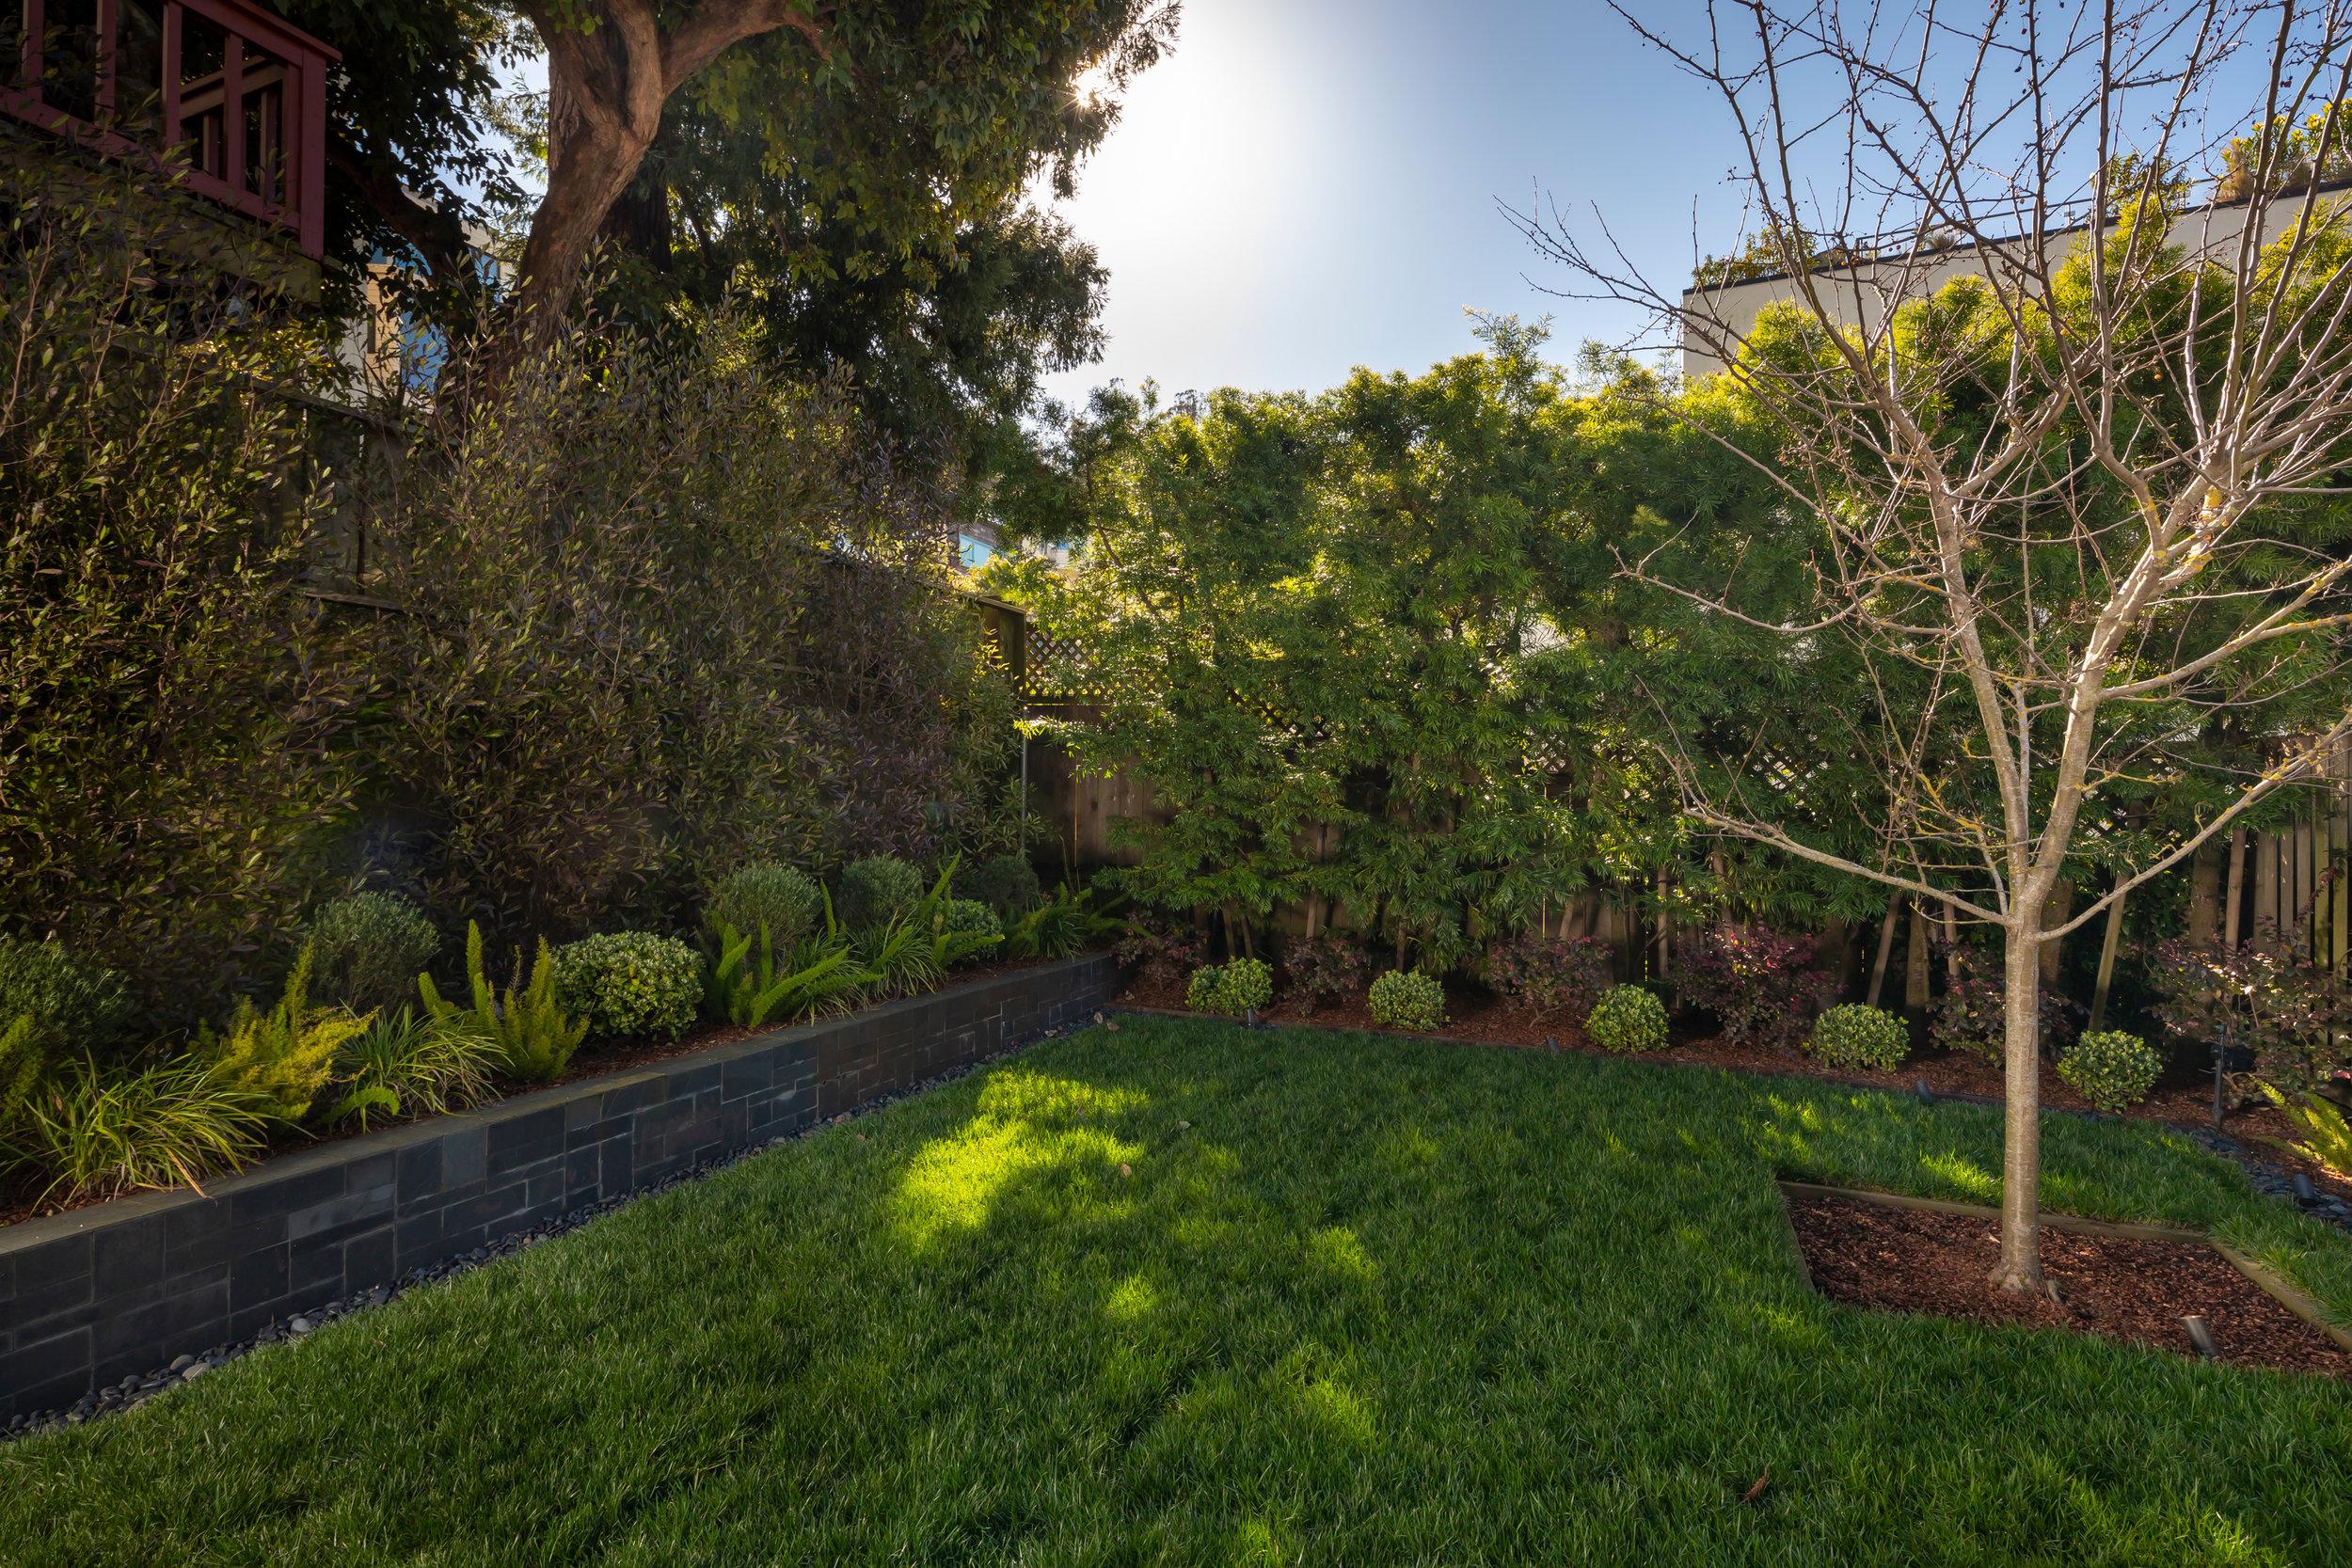 Backyard_Lower_3590.jpg